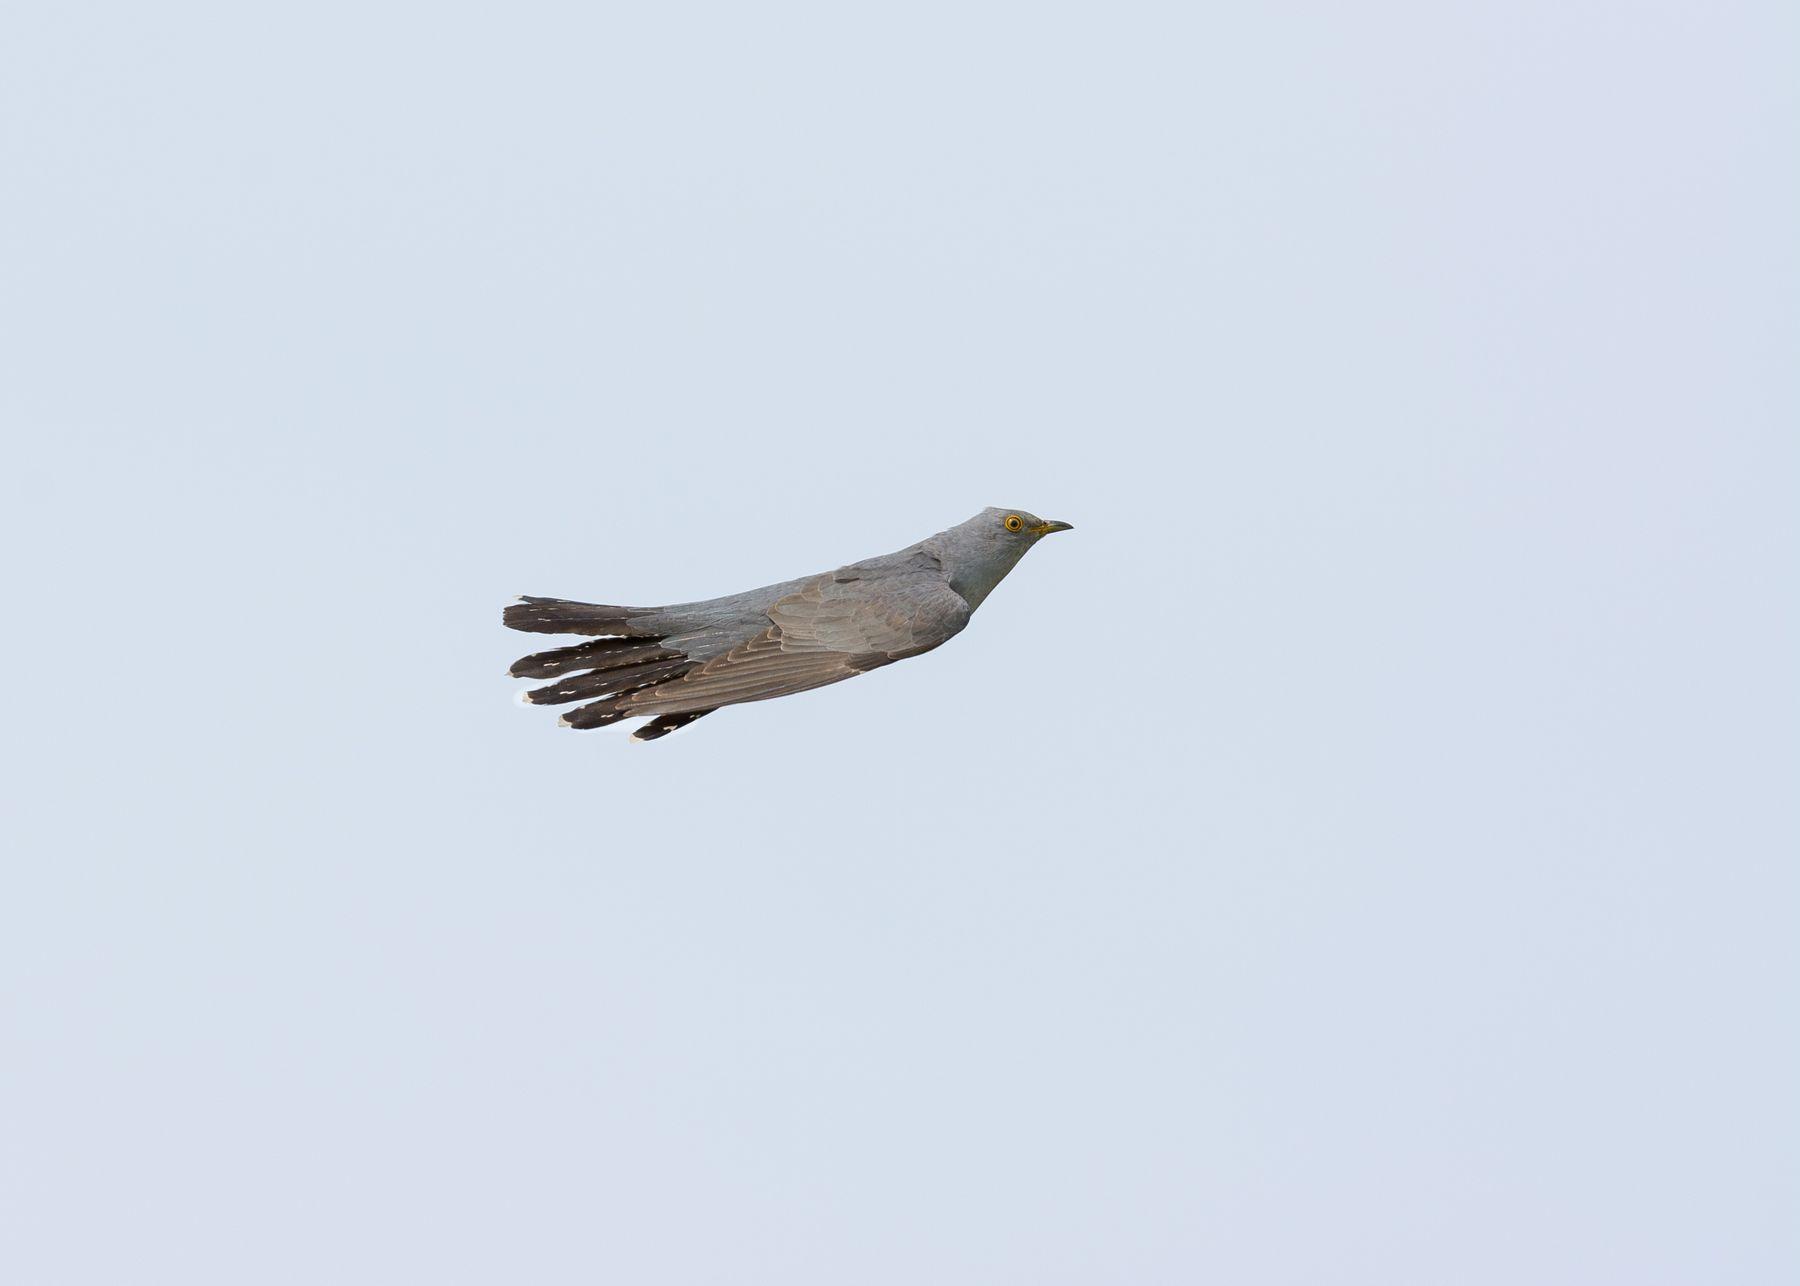 Ракета Кукушка птицы фотоохота Сибирь